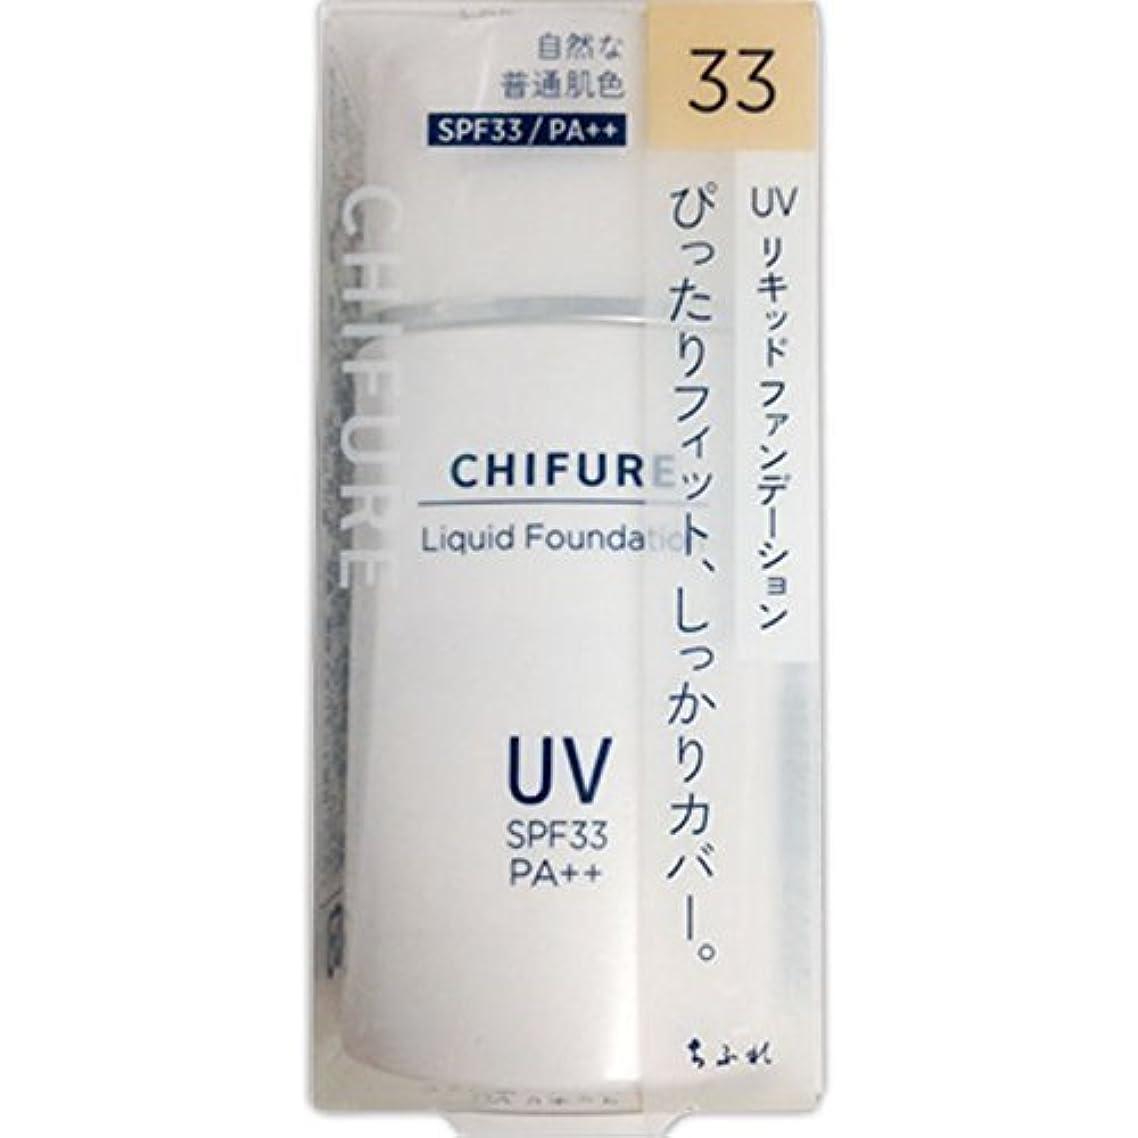 視力レンズ命令的ちふれ化粧品 UV リキッド ファンデーション 33 自然な普通肌色 30ML